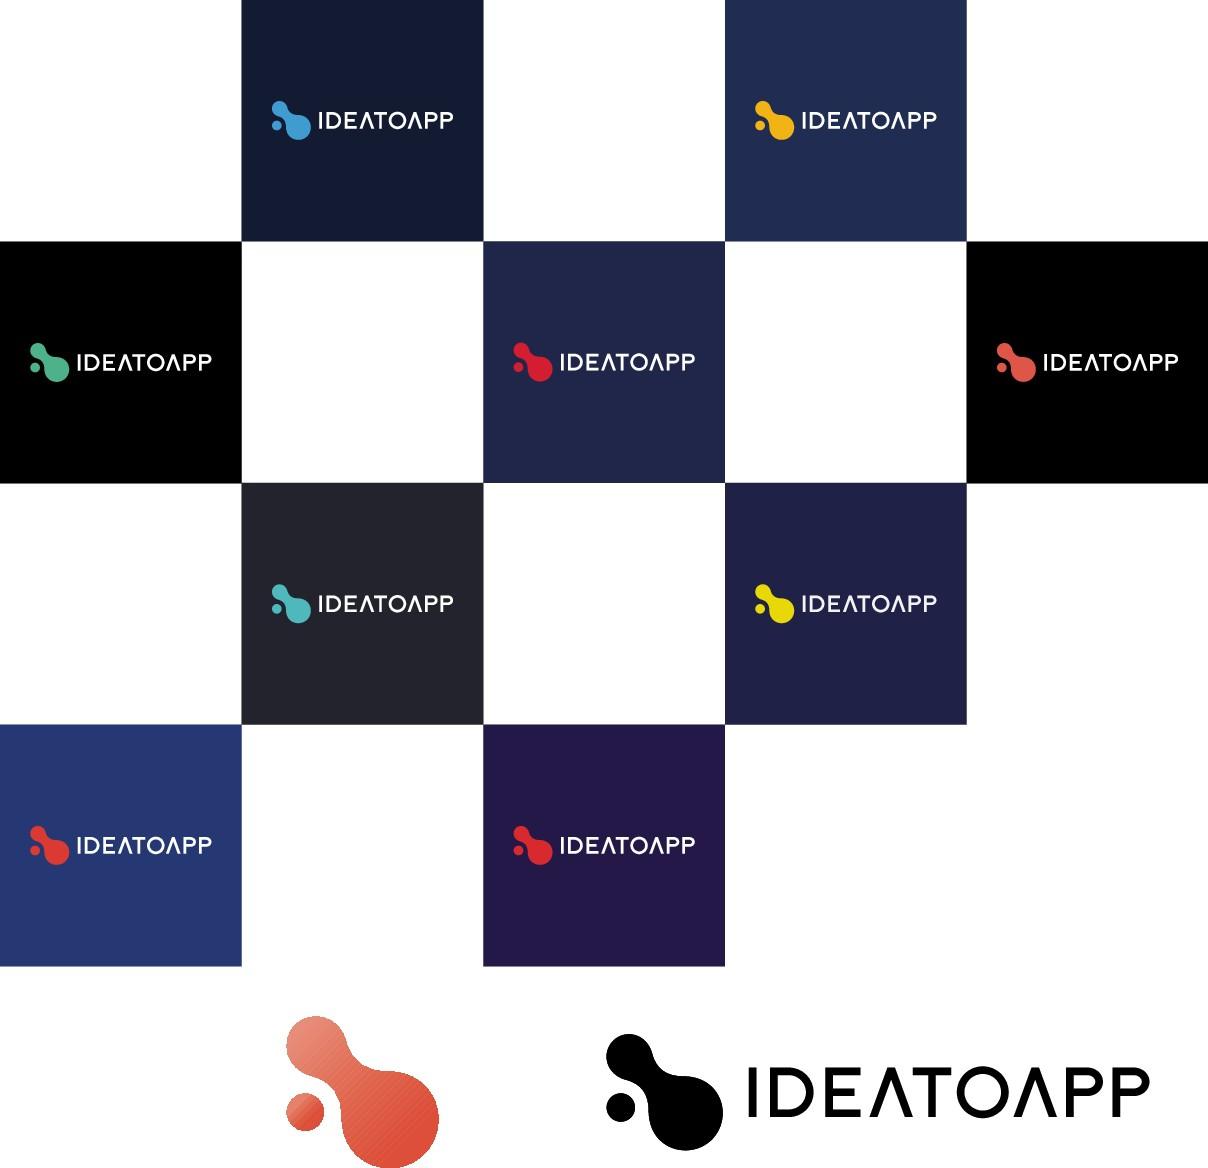 IdeatoApp Logo Redesign